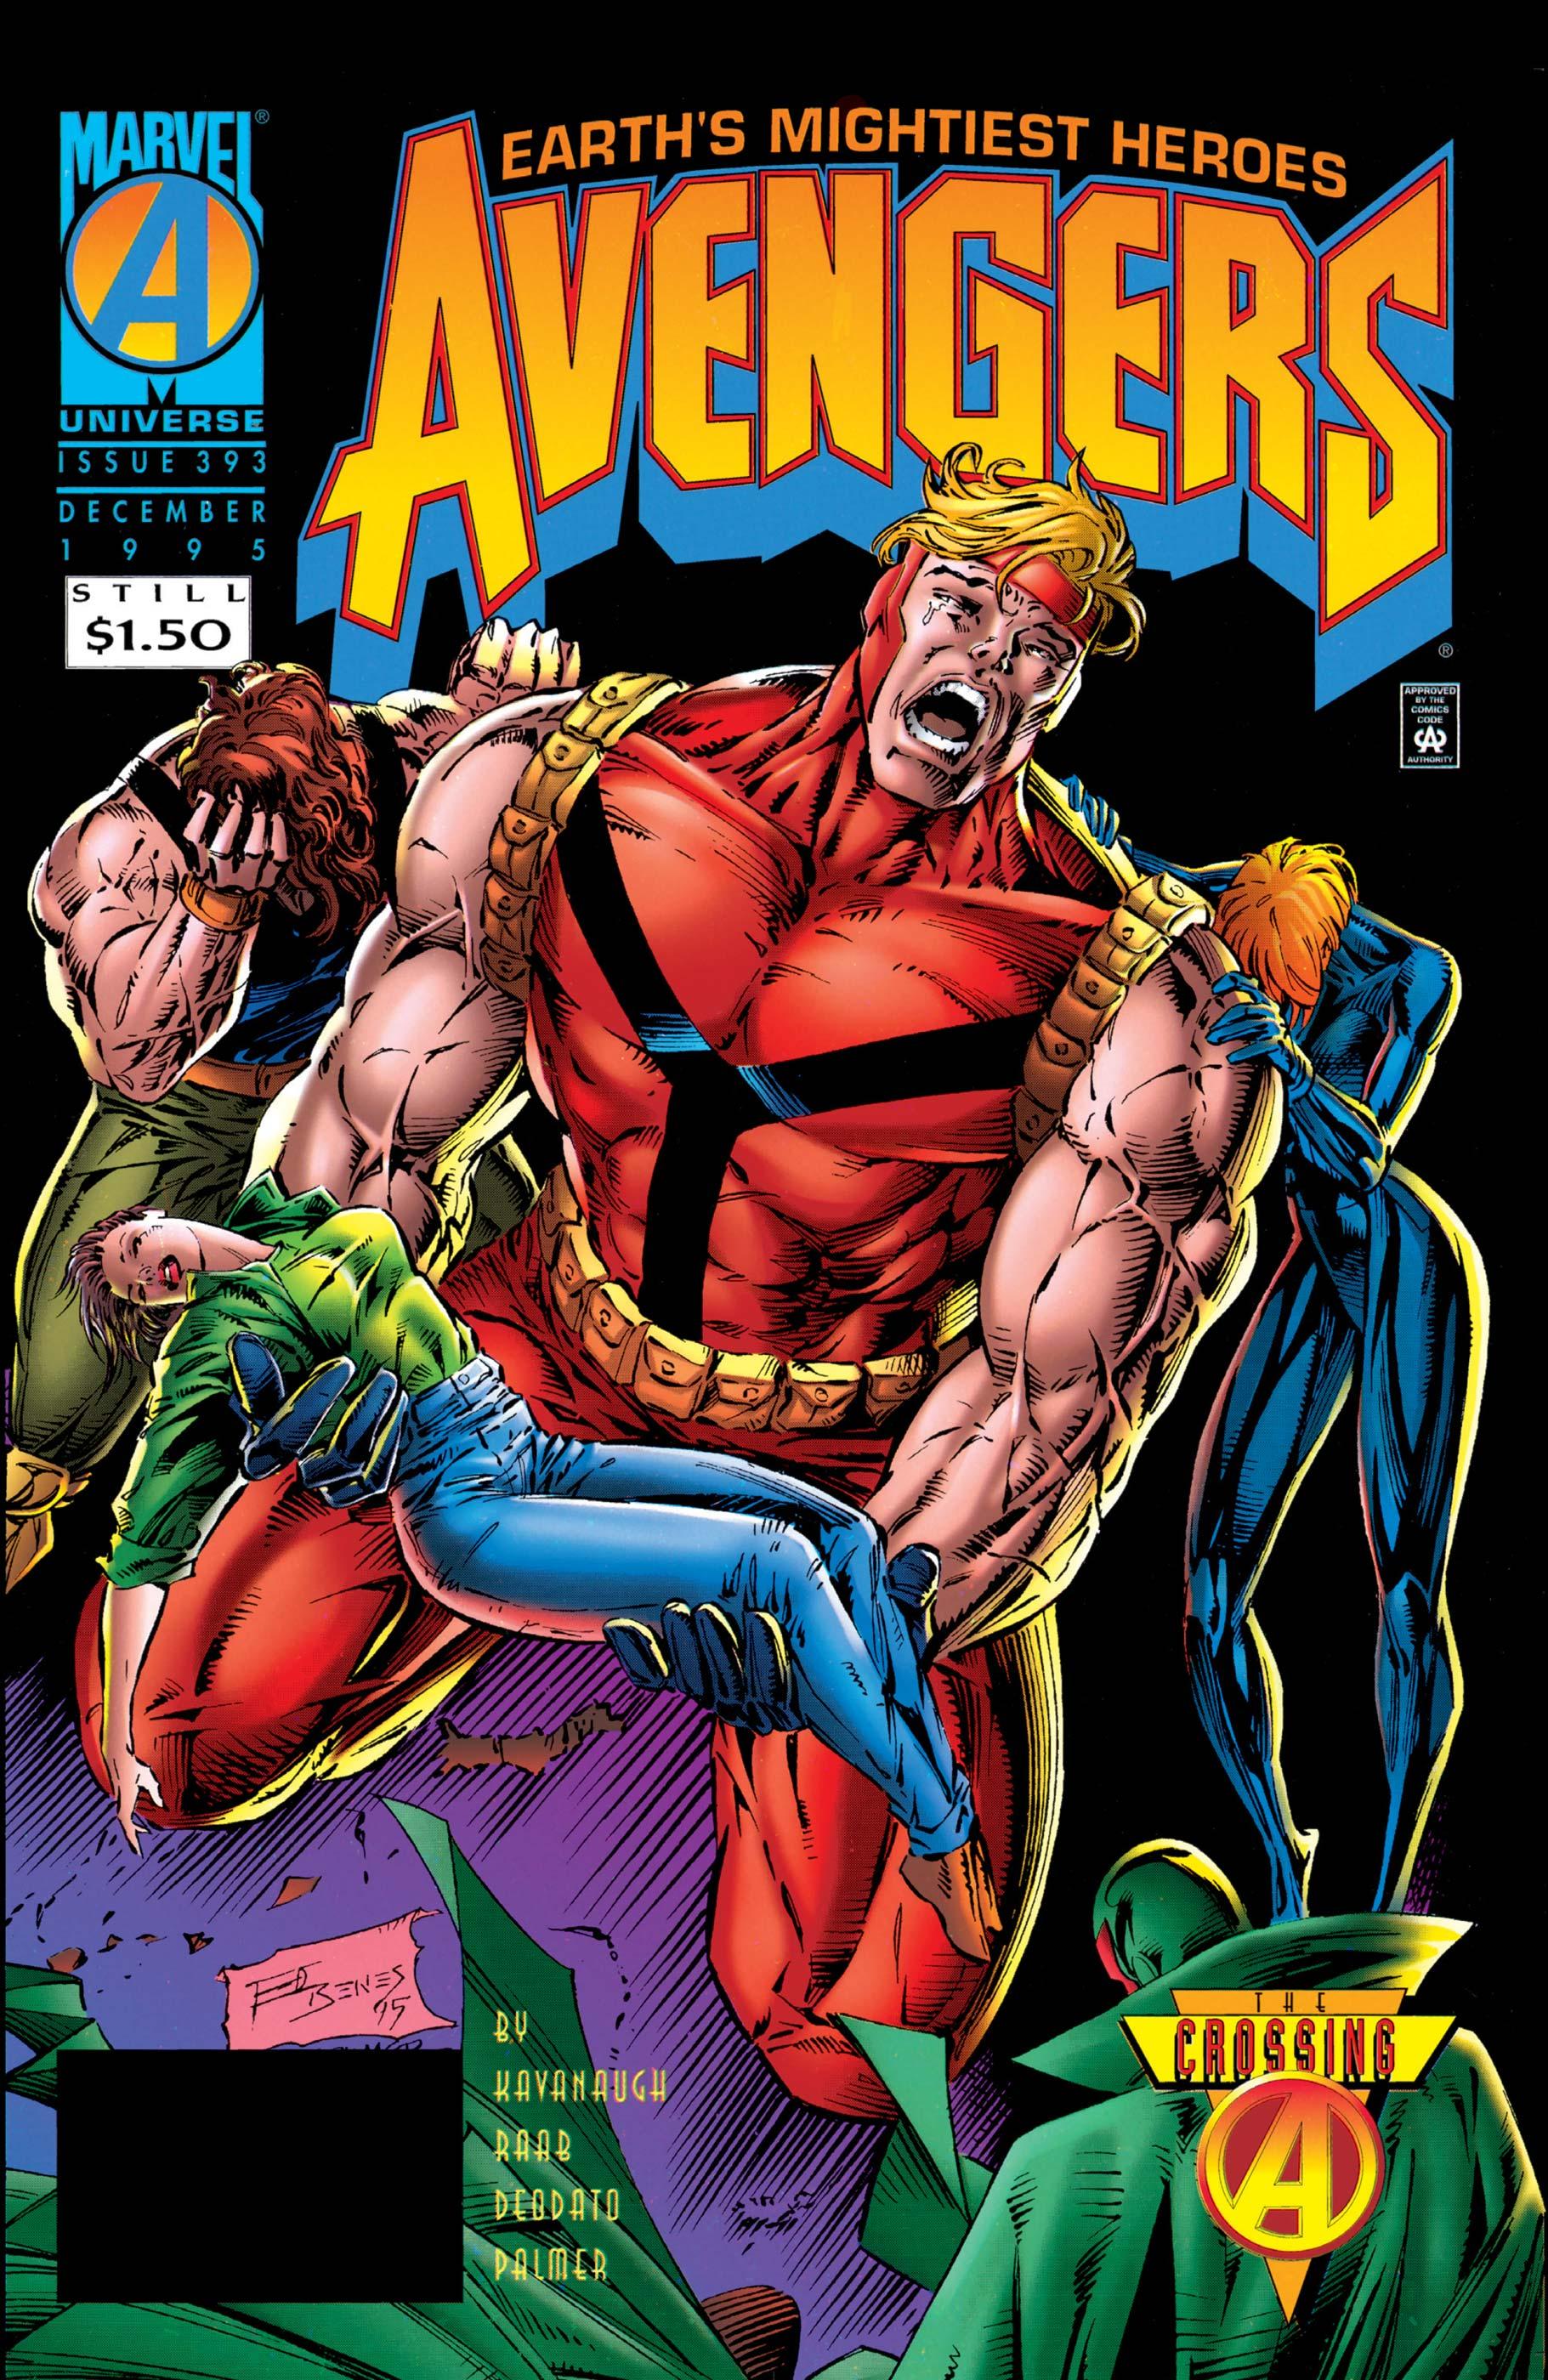 Avengers (1963) #393